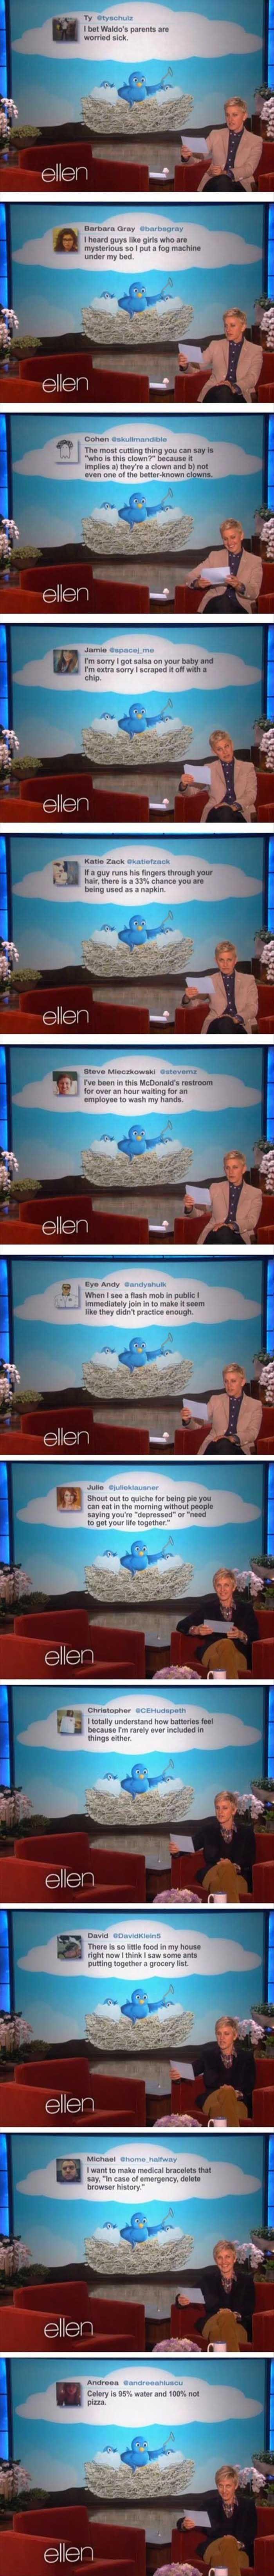 Ellen's Favorite Tweets funny quotes tv quote jokes tv shows lol funny quote funny quotes funny sayings joke humor ellen funny pictures twitter funny images tweets